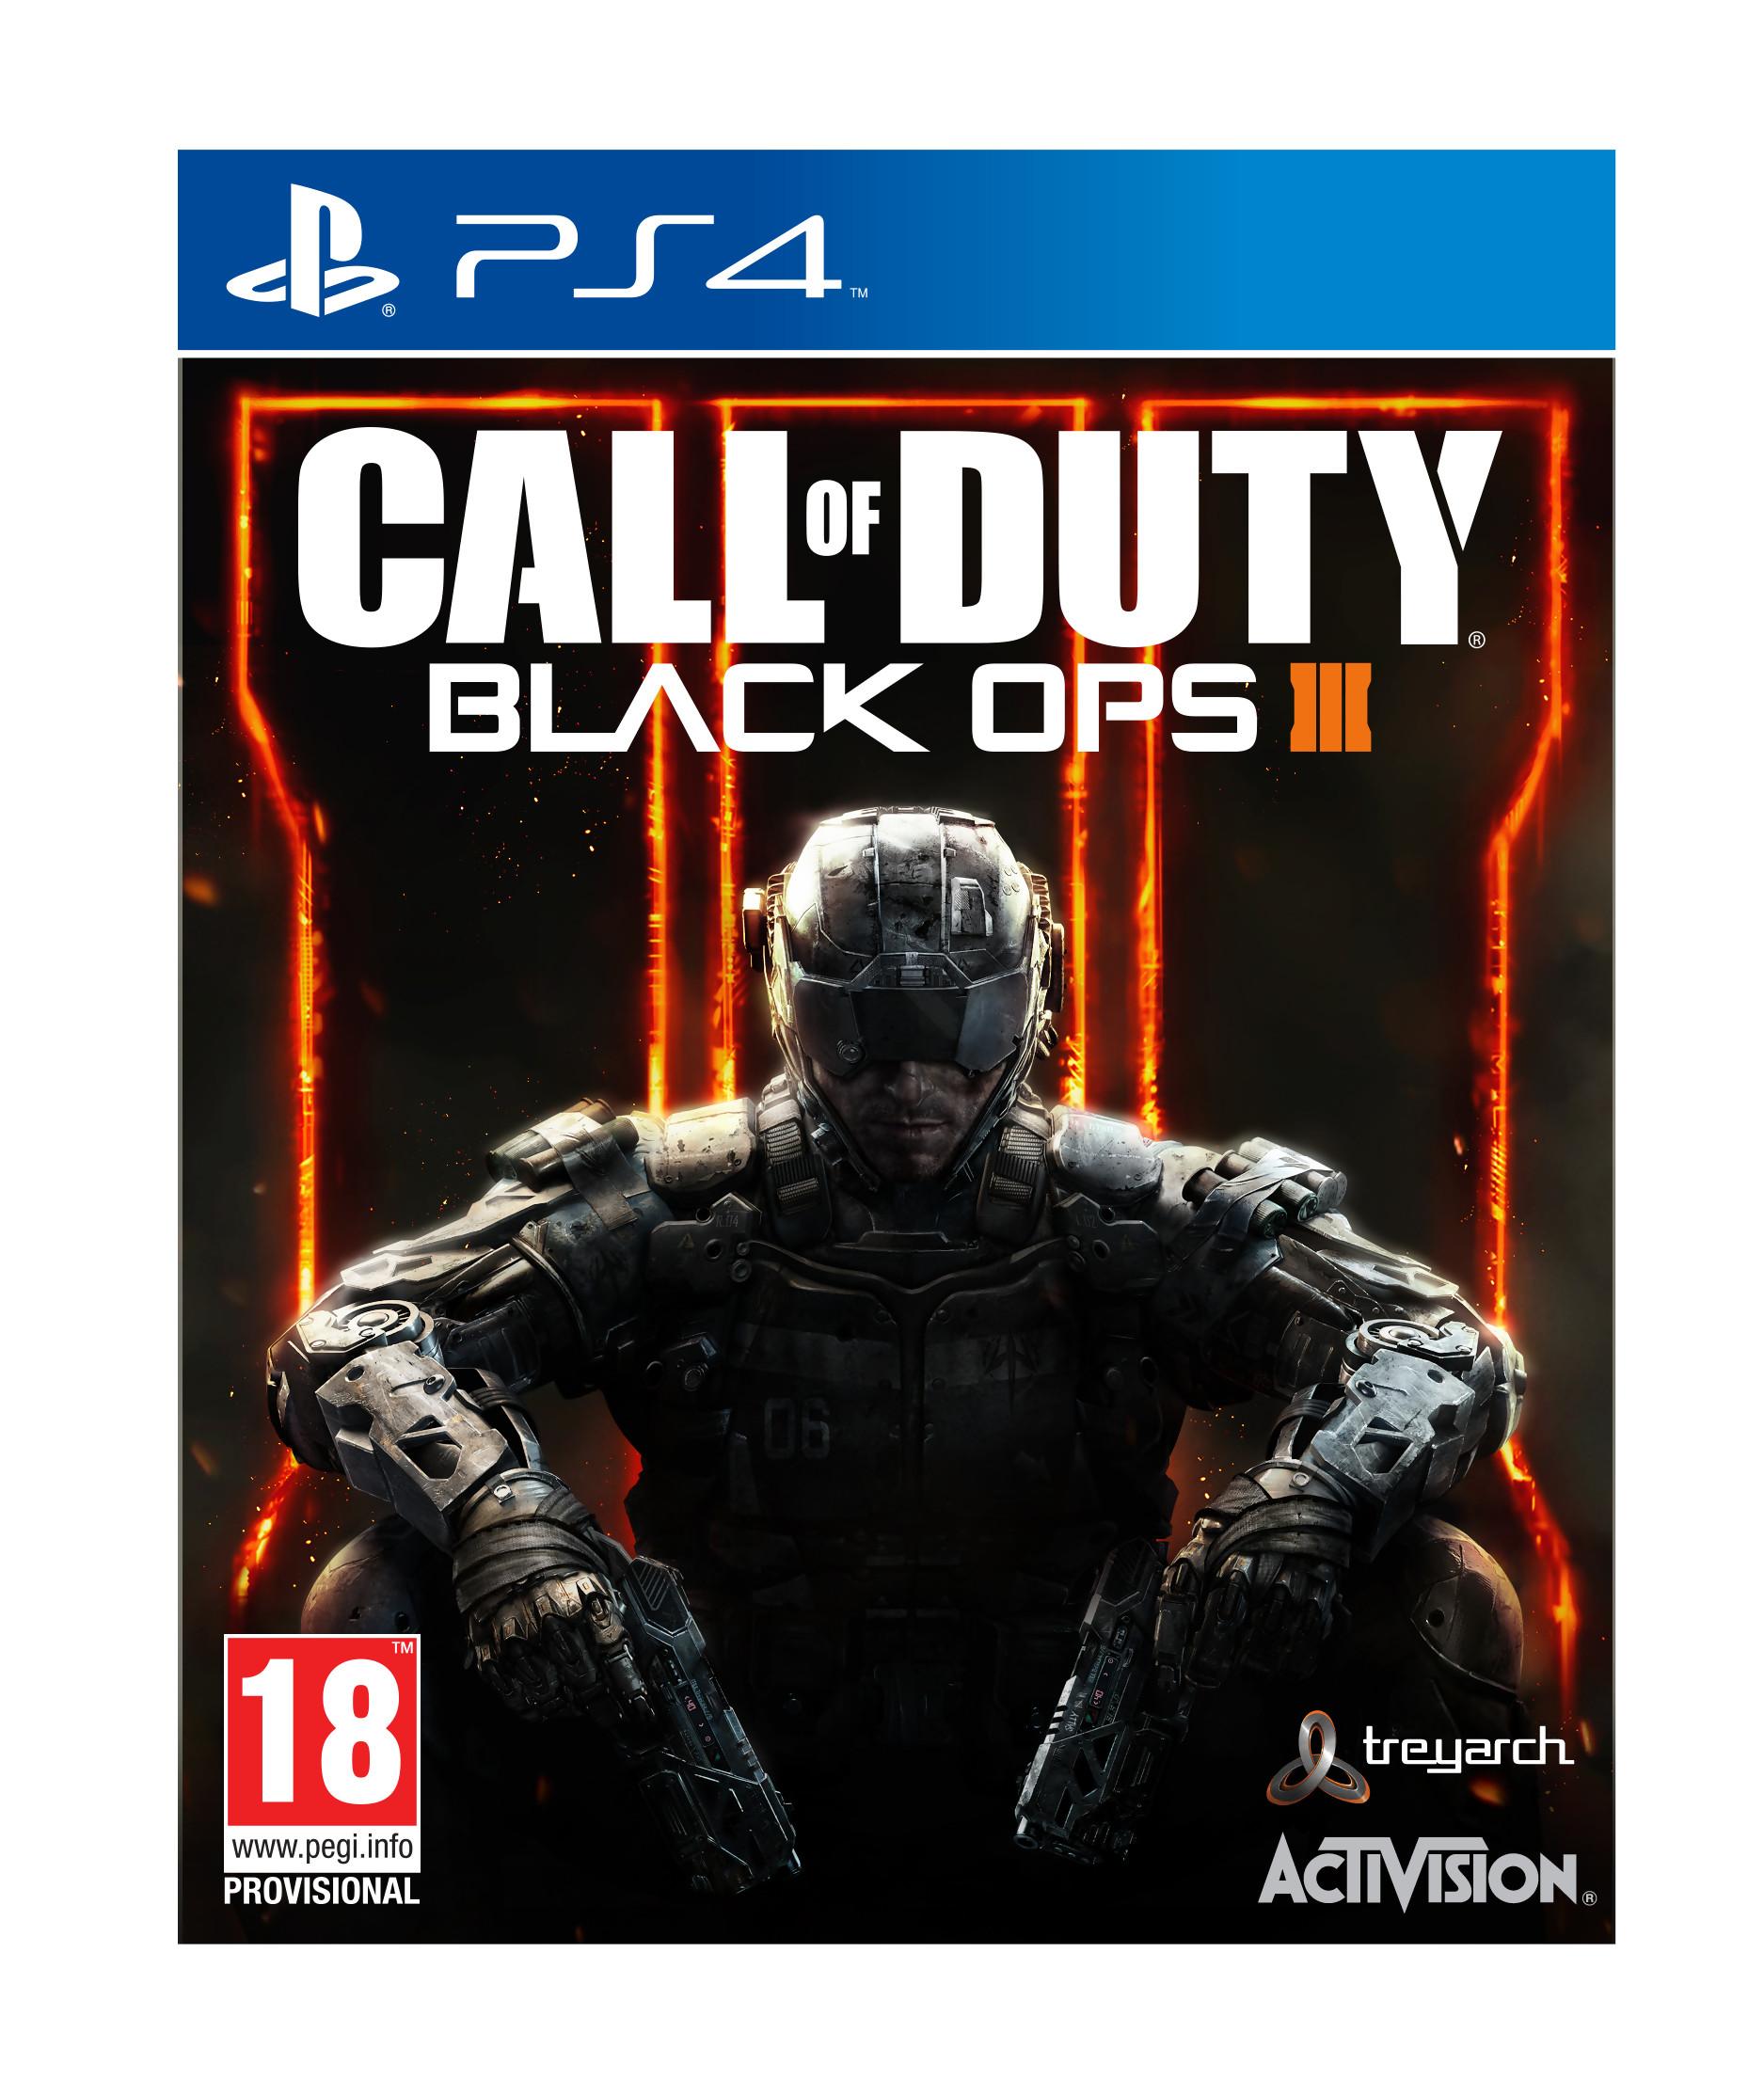 Livraison gratuite dès 25 € d'achat. Commandez Call of Duty Black Ops 3 PS4 Playstation 4 sur Fnac.com et cumulez des chèques cadeaux !